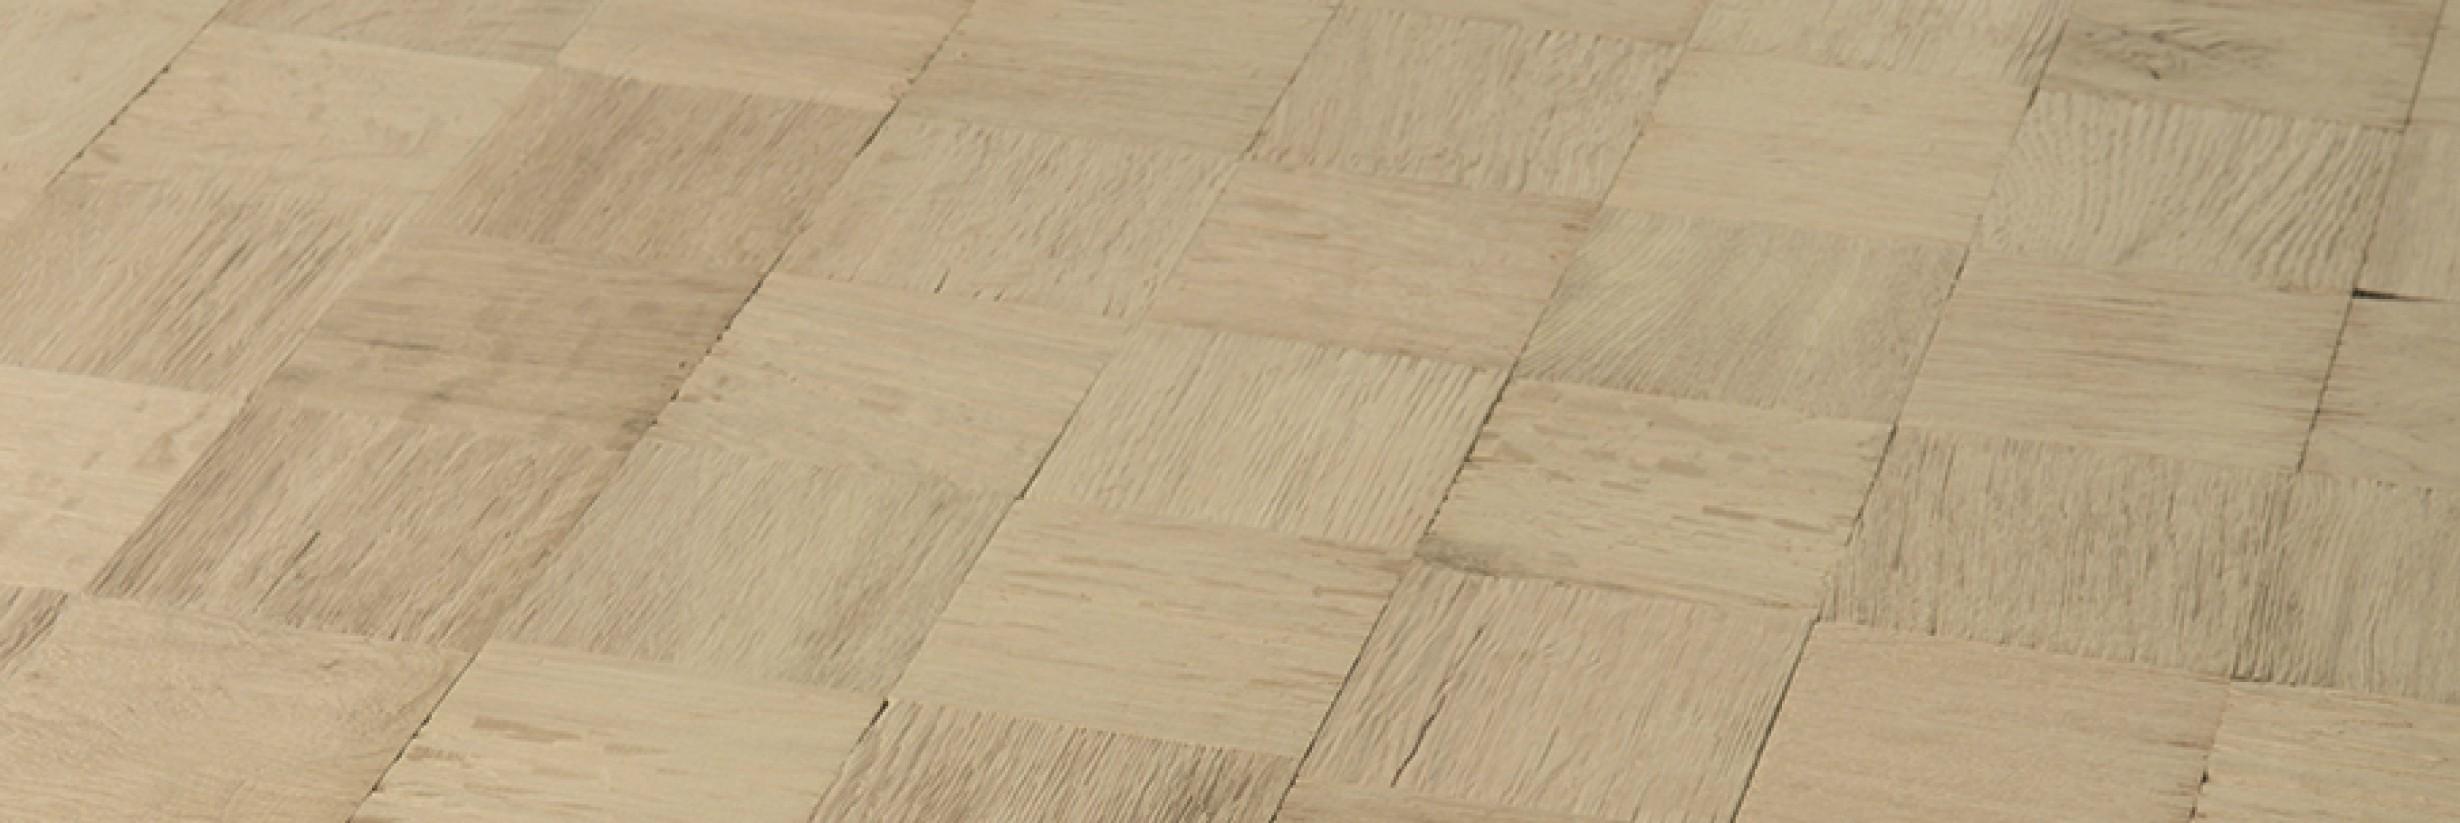 legpatronen voor parketten en houten vloeren floorhouse